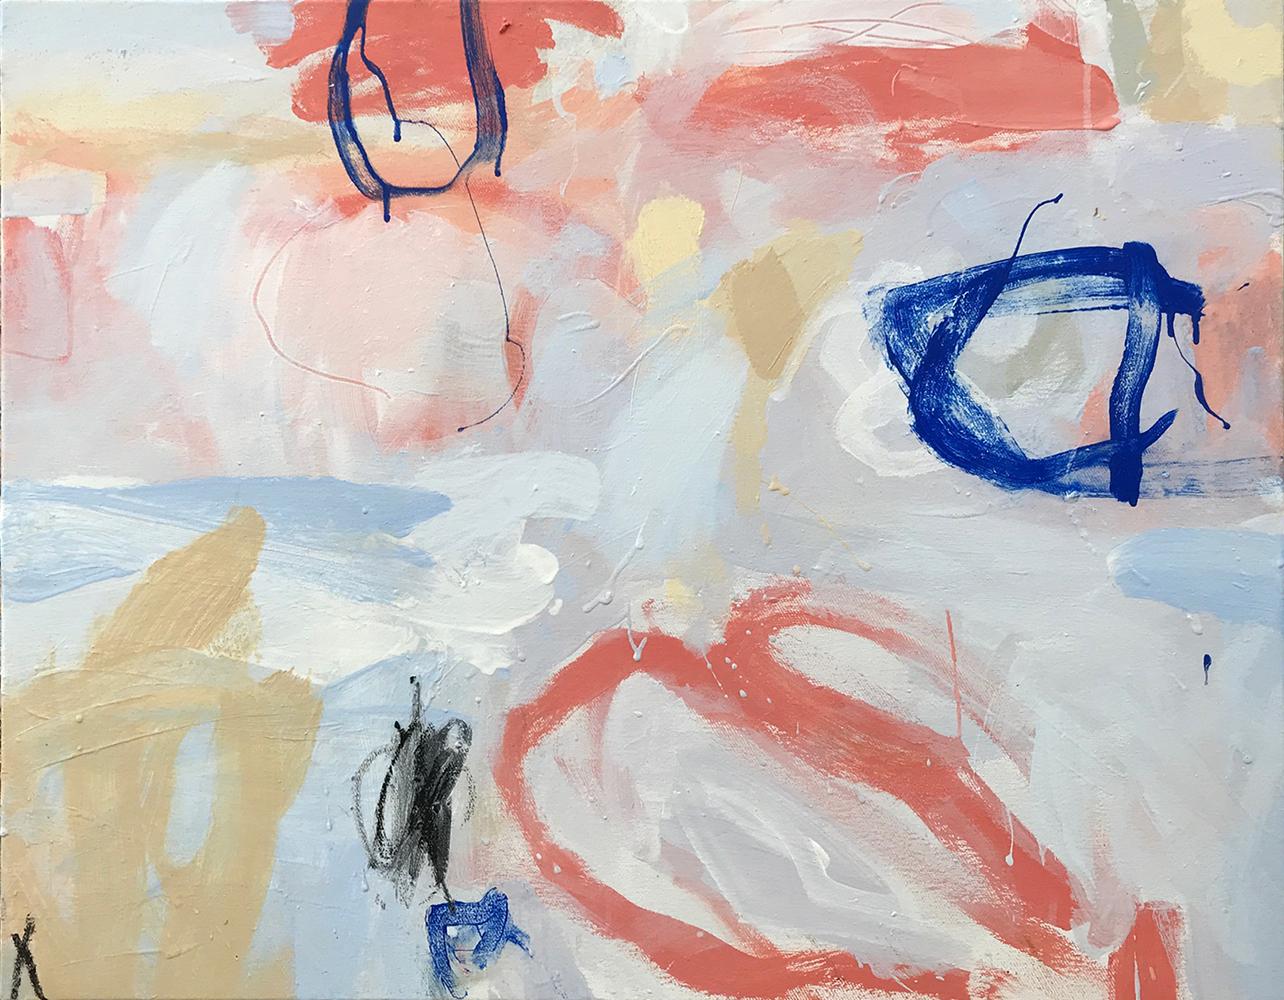 Ruth le Cheminant Covid19-4 acrylic paint on canvas 62cm x 77cm